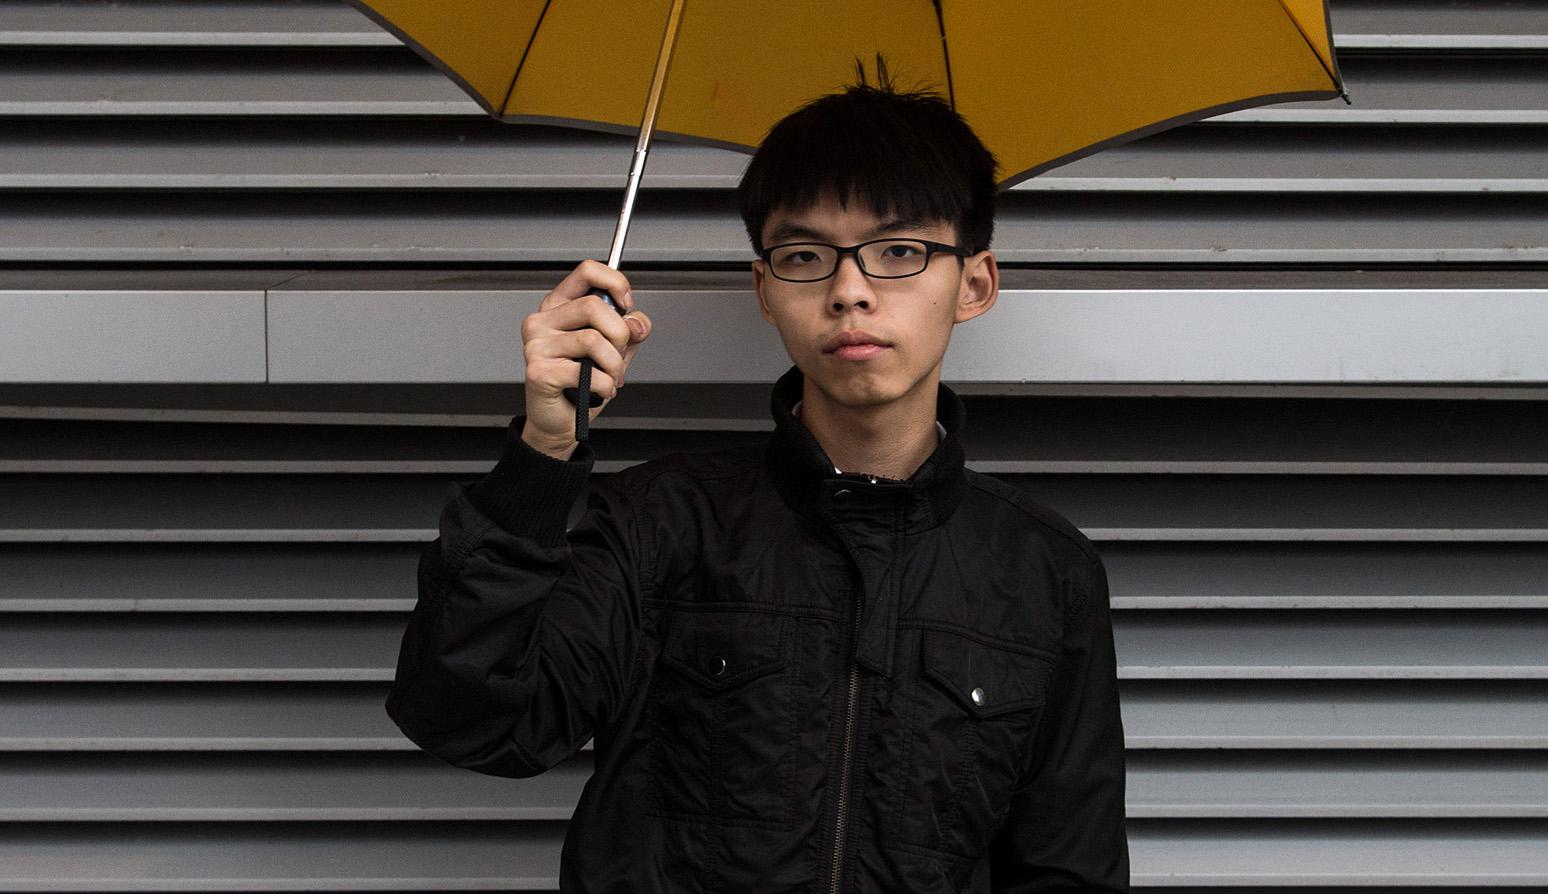 Hong Kong Pro-Democracy Group Scholarism Leader Joshua Wong